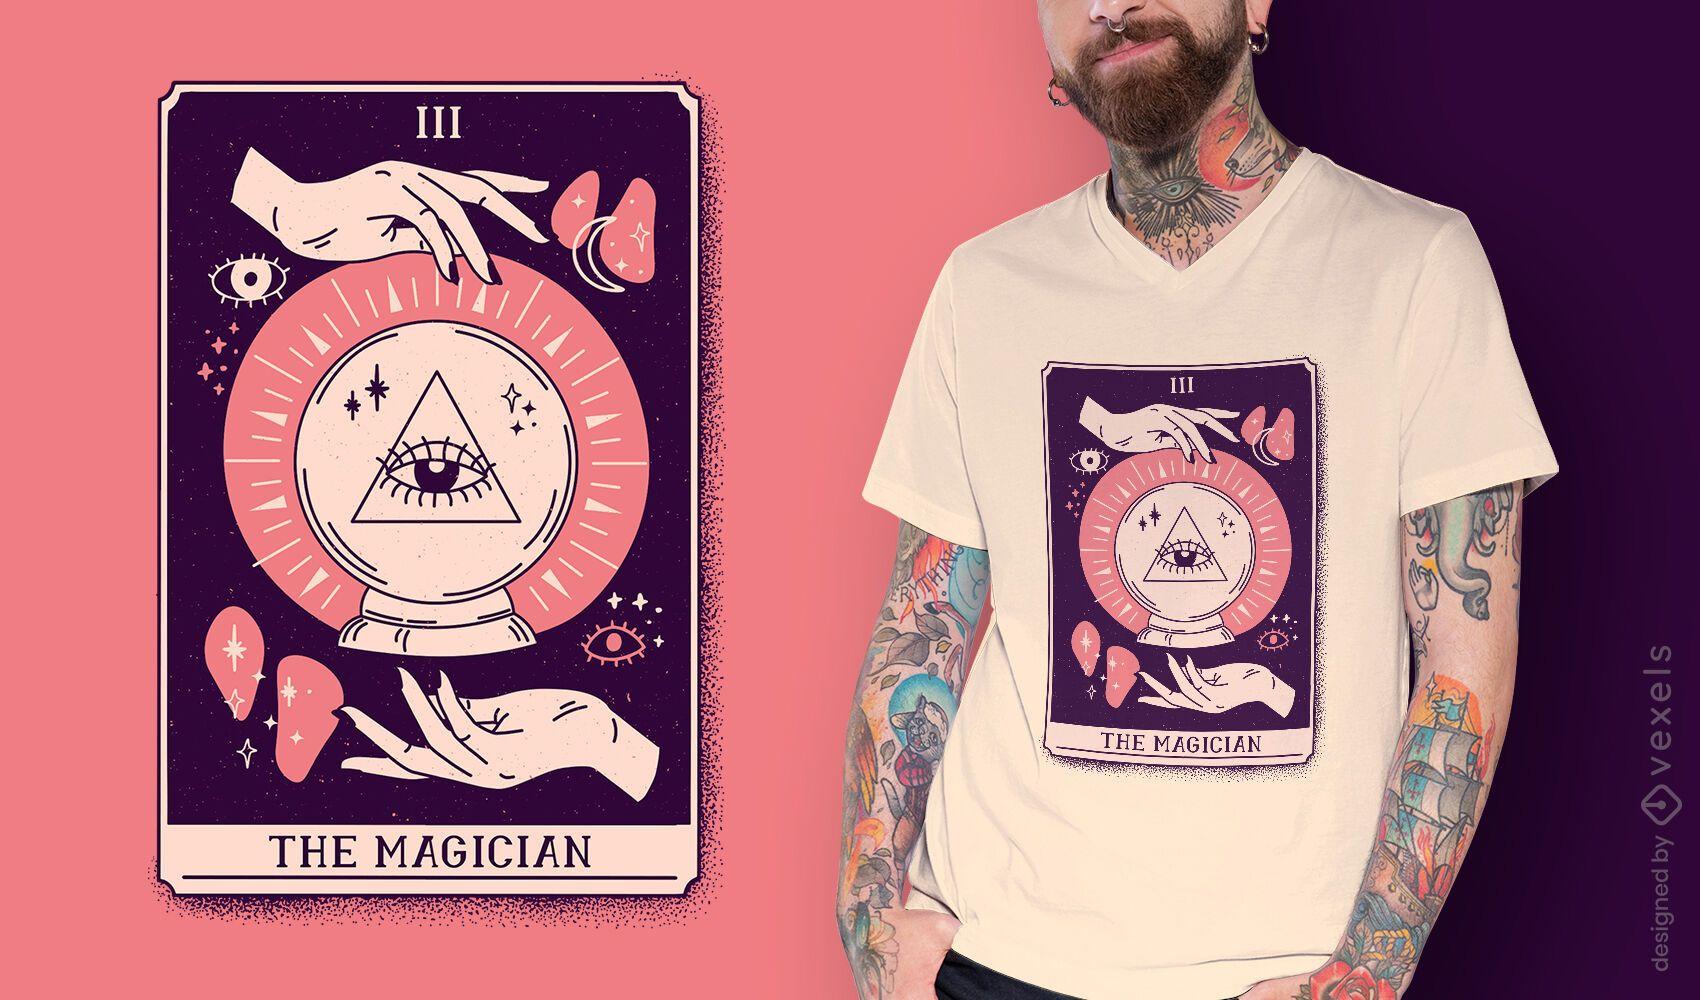 Magician mystical tarot card t-shirt design